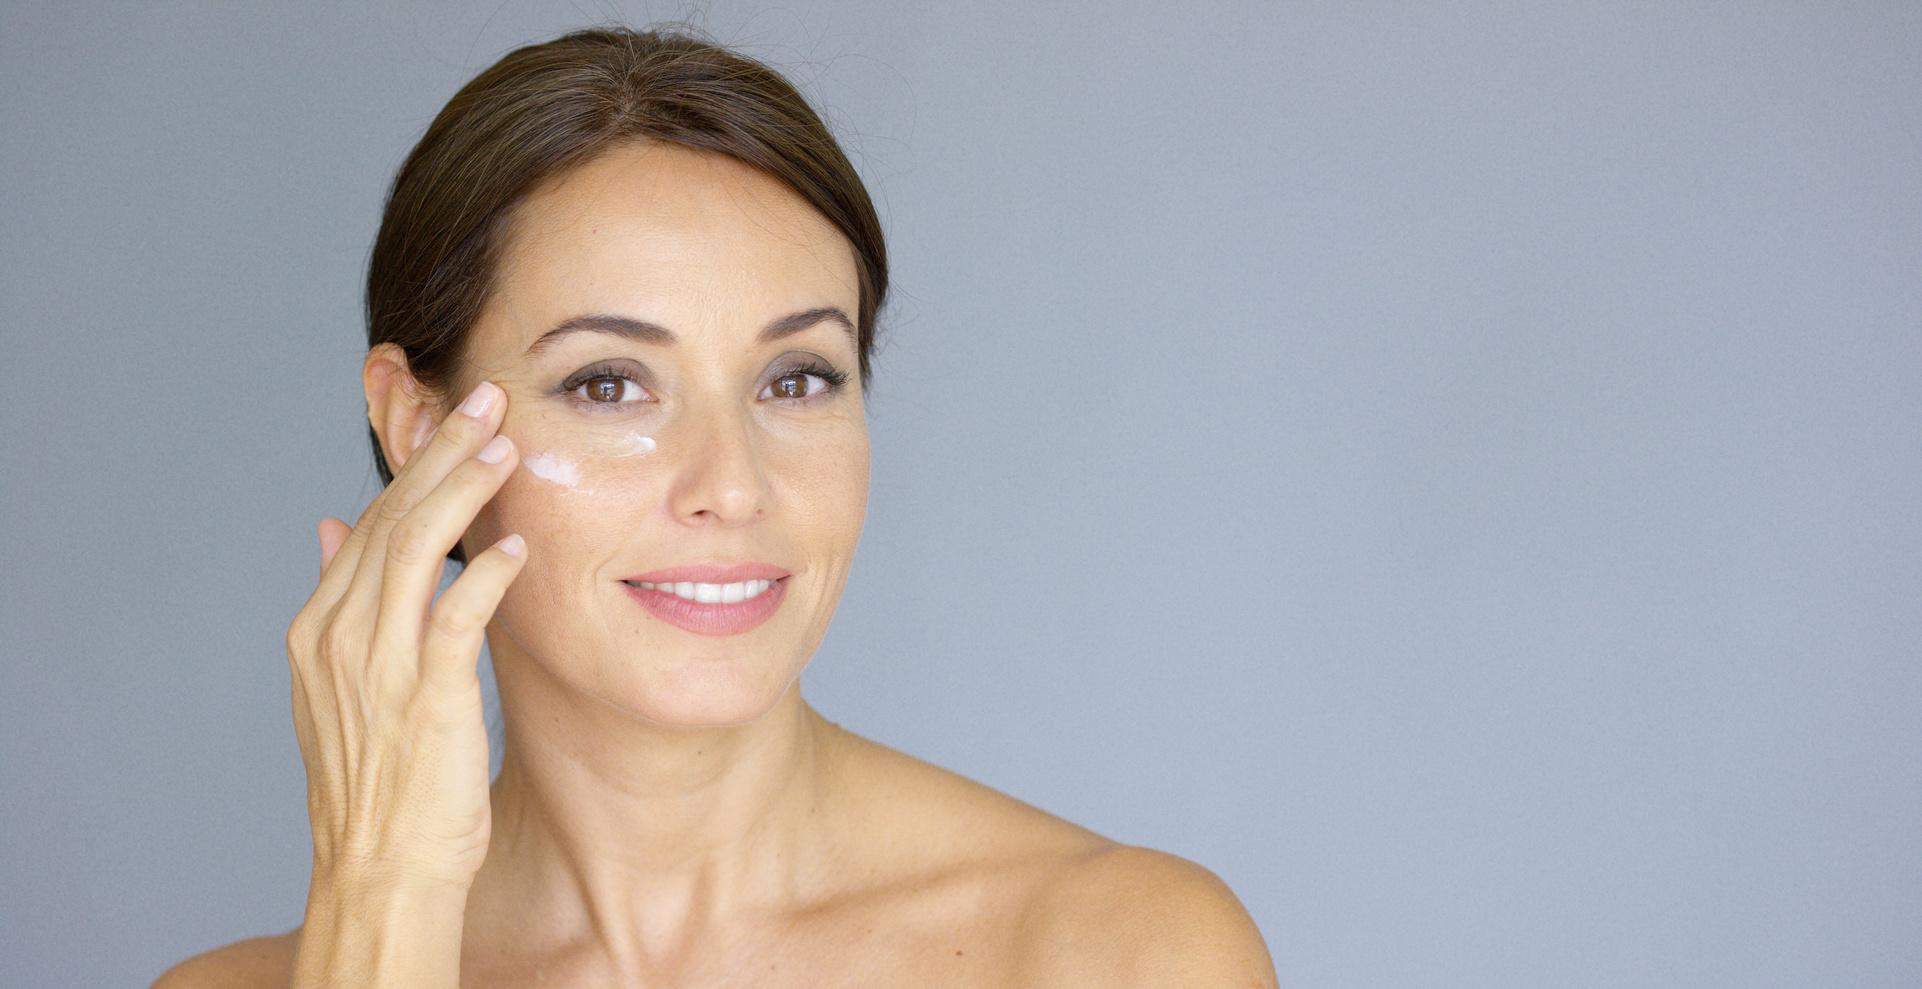 Jak pielęgnować swoją twarz?